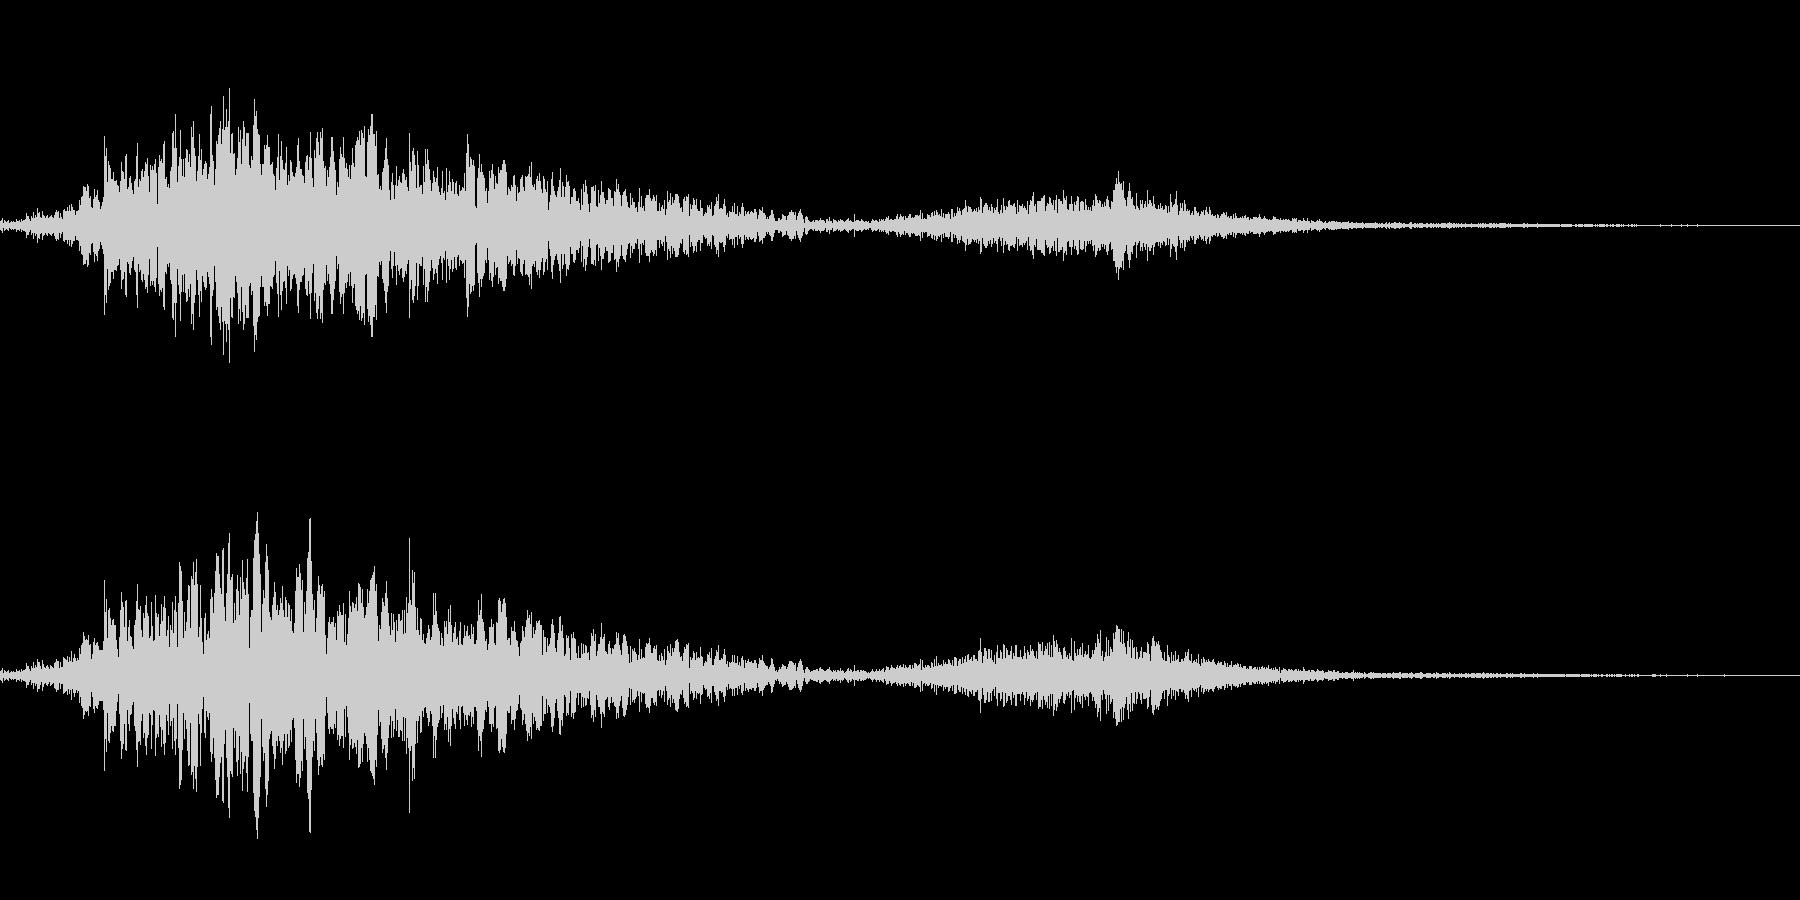 斬撃音(刀や剣で斬る/刺す効果音)13bの未再生の波形